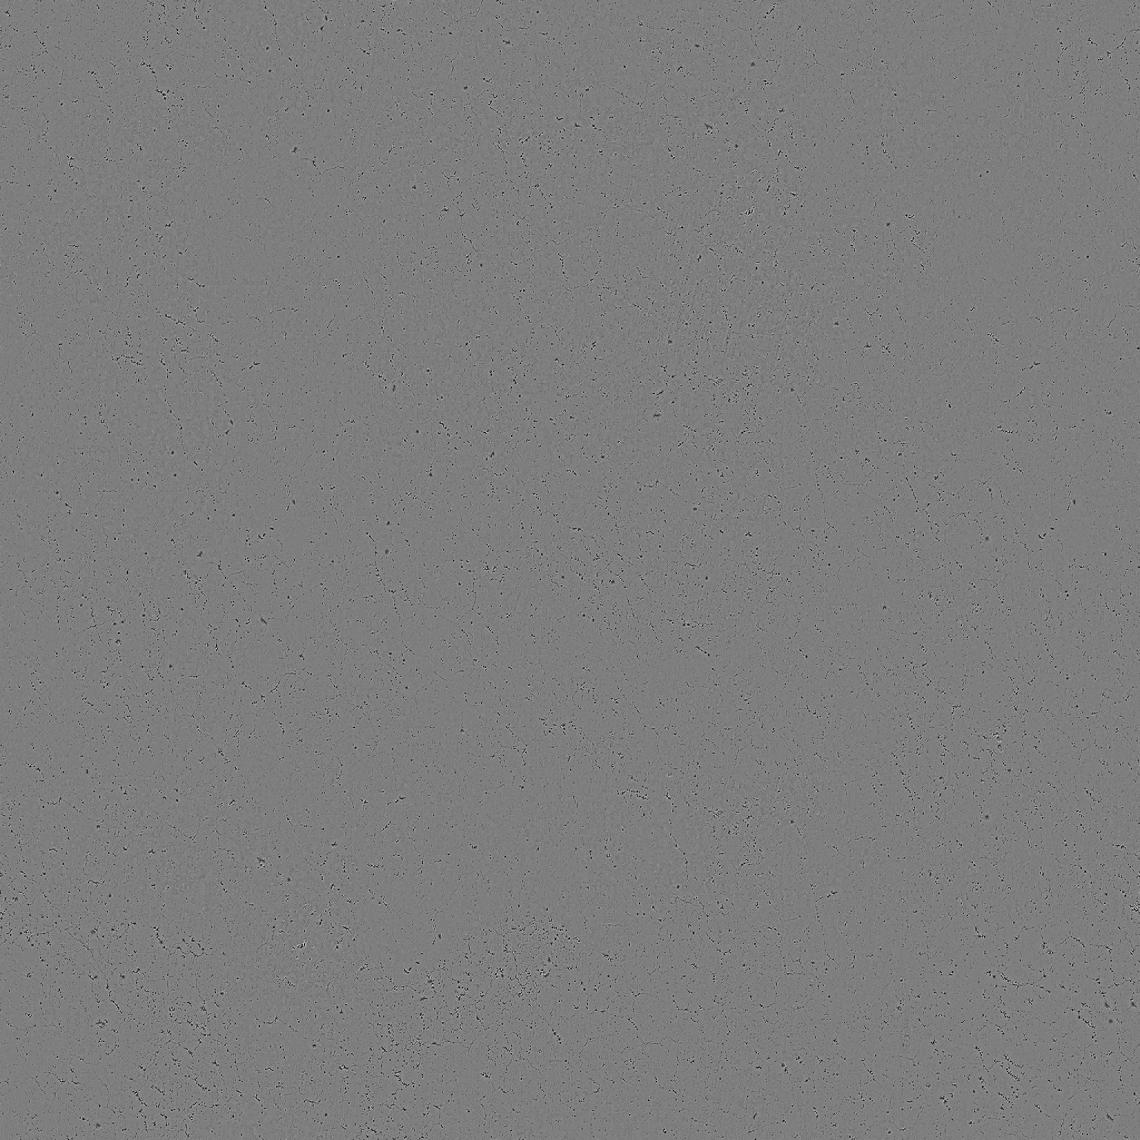 Plain-Concrete-03-Curvature